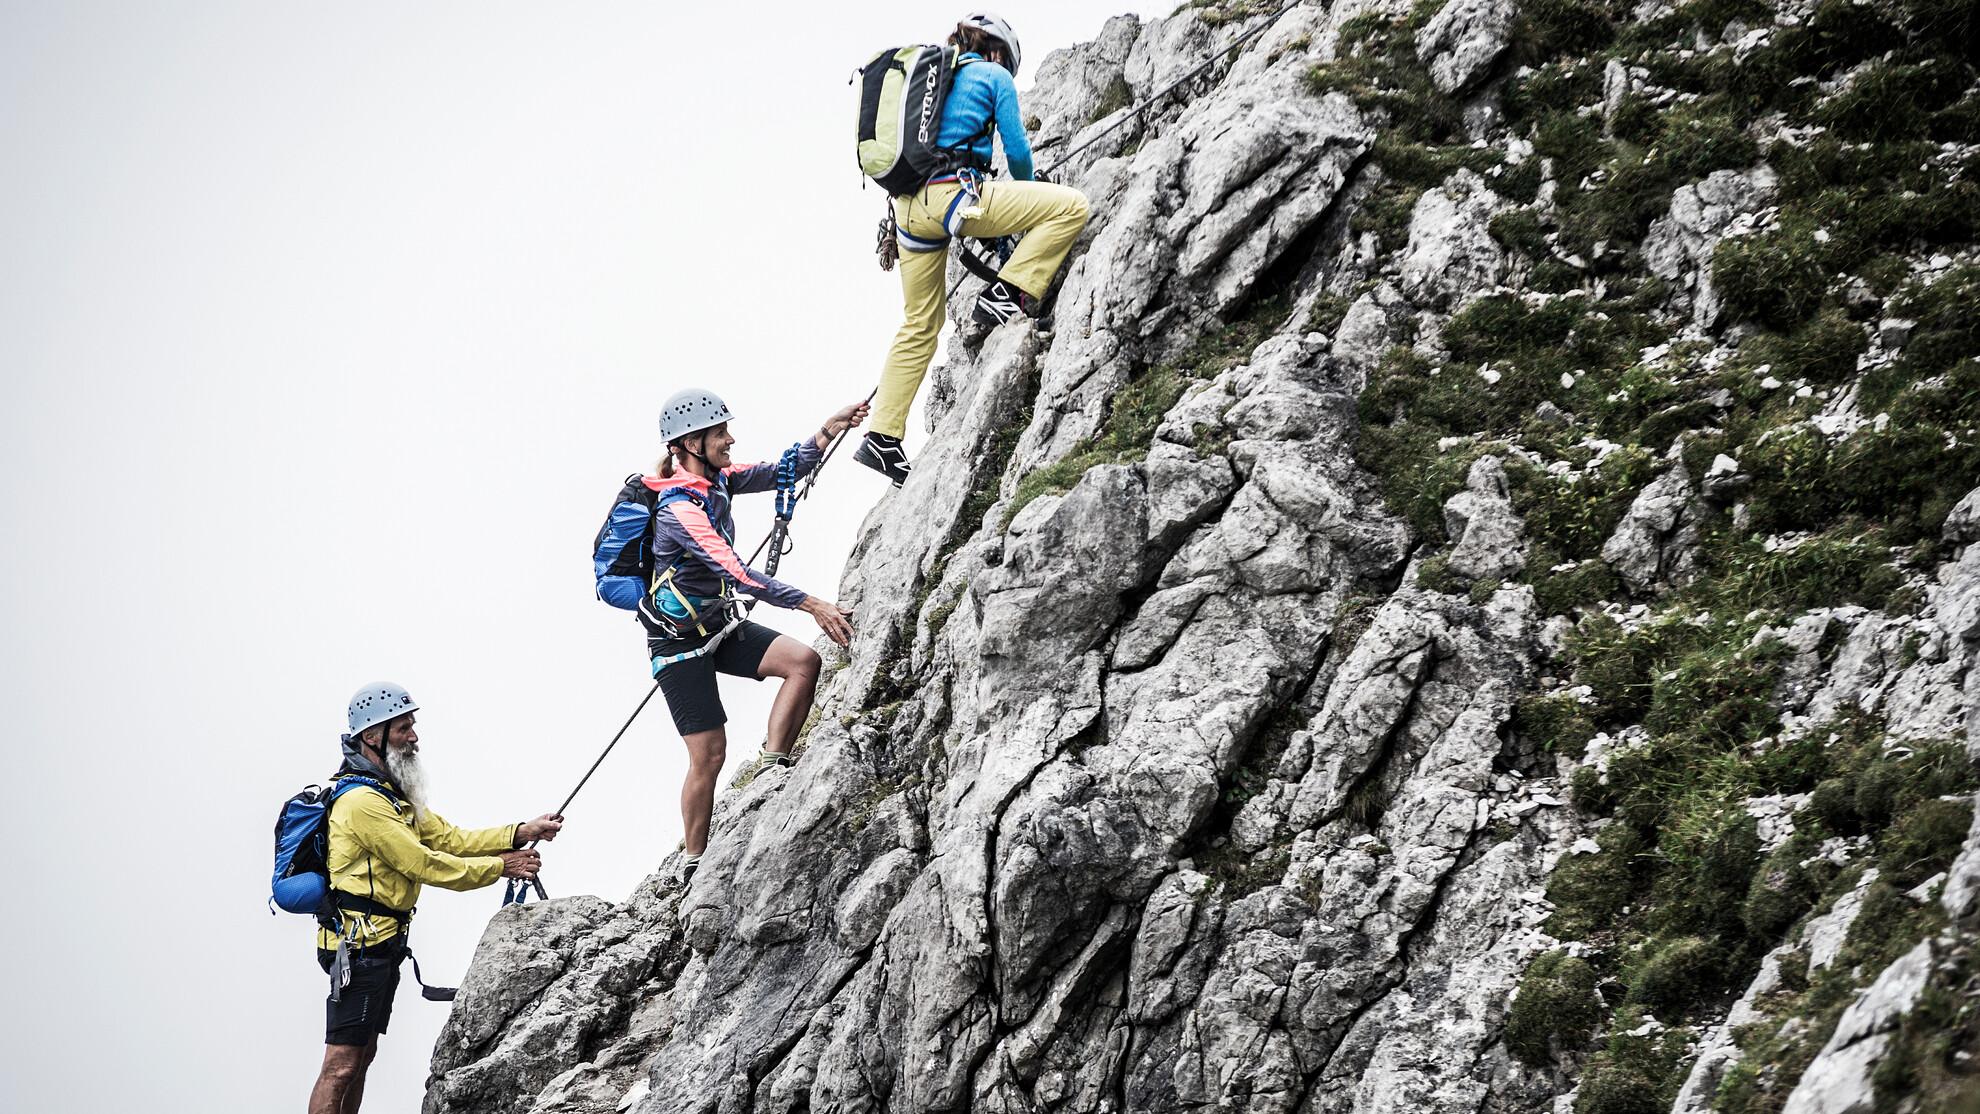 Klettersteig Schwierigkeitsgrad : Klettersteig känzele bregenz gebhardsberg t o u r e n s p